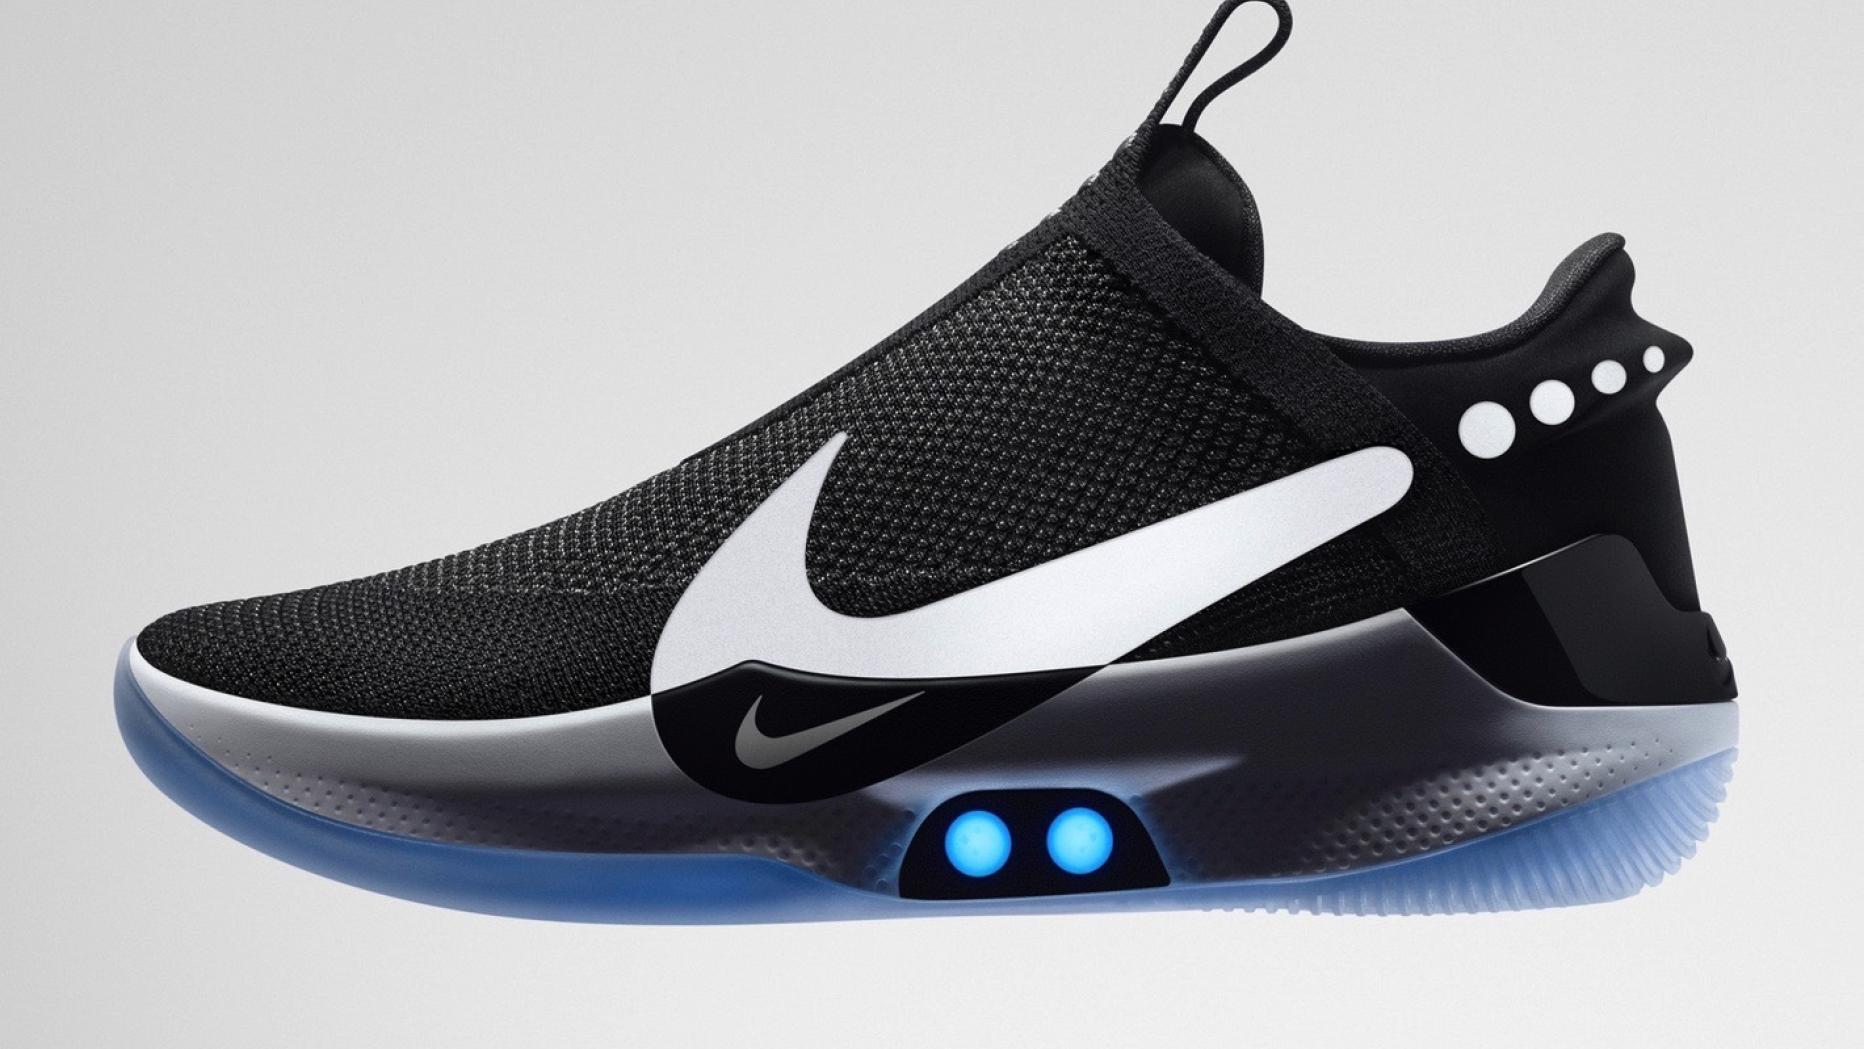 Das ist Nikes neuer selbstschnürender Schuh | futurezone.at